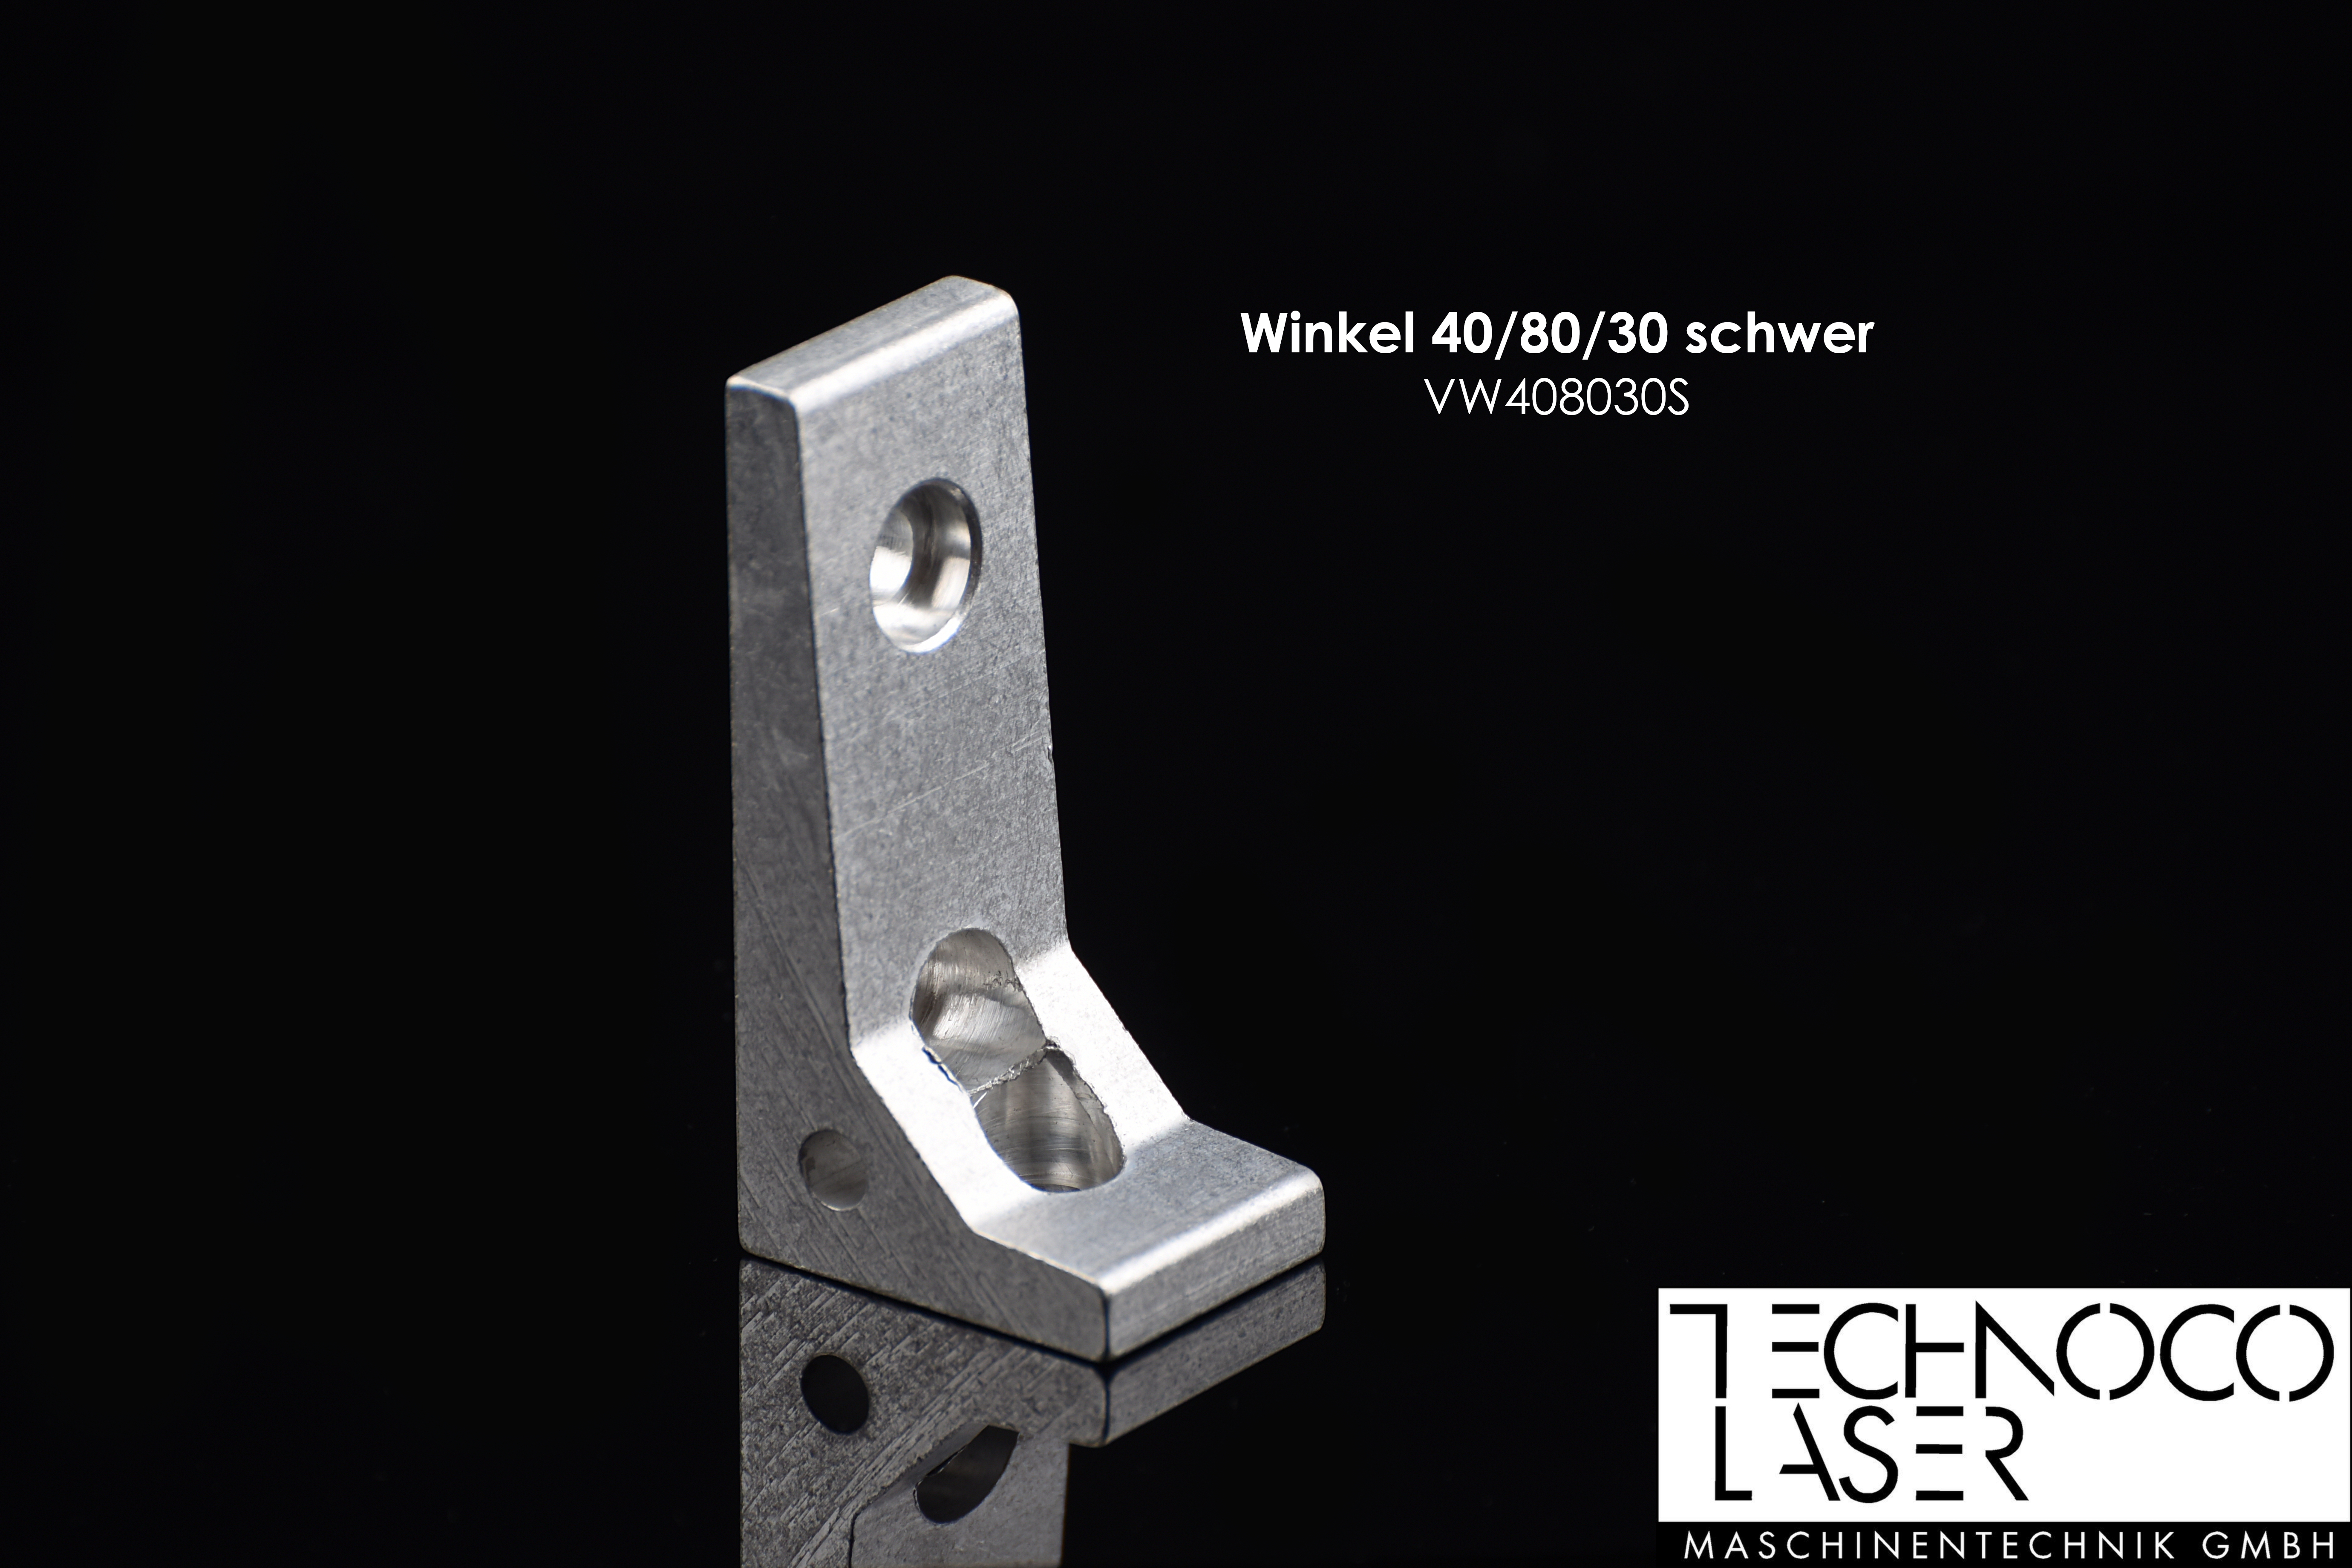 TECO Zubehör I Winkel 40/80/30 schwer